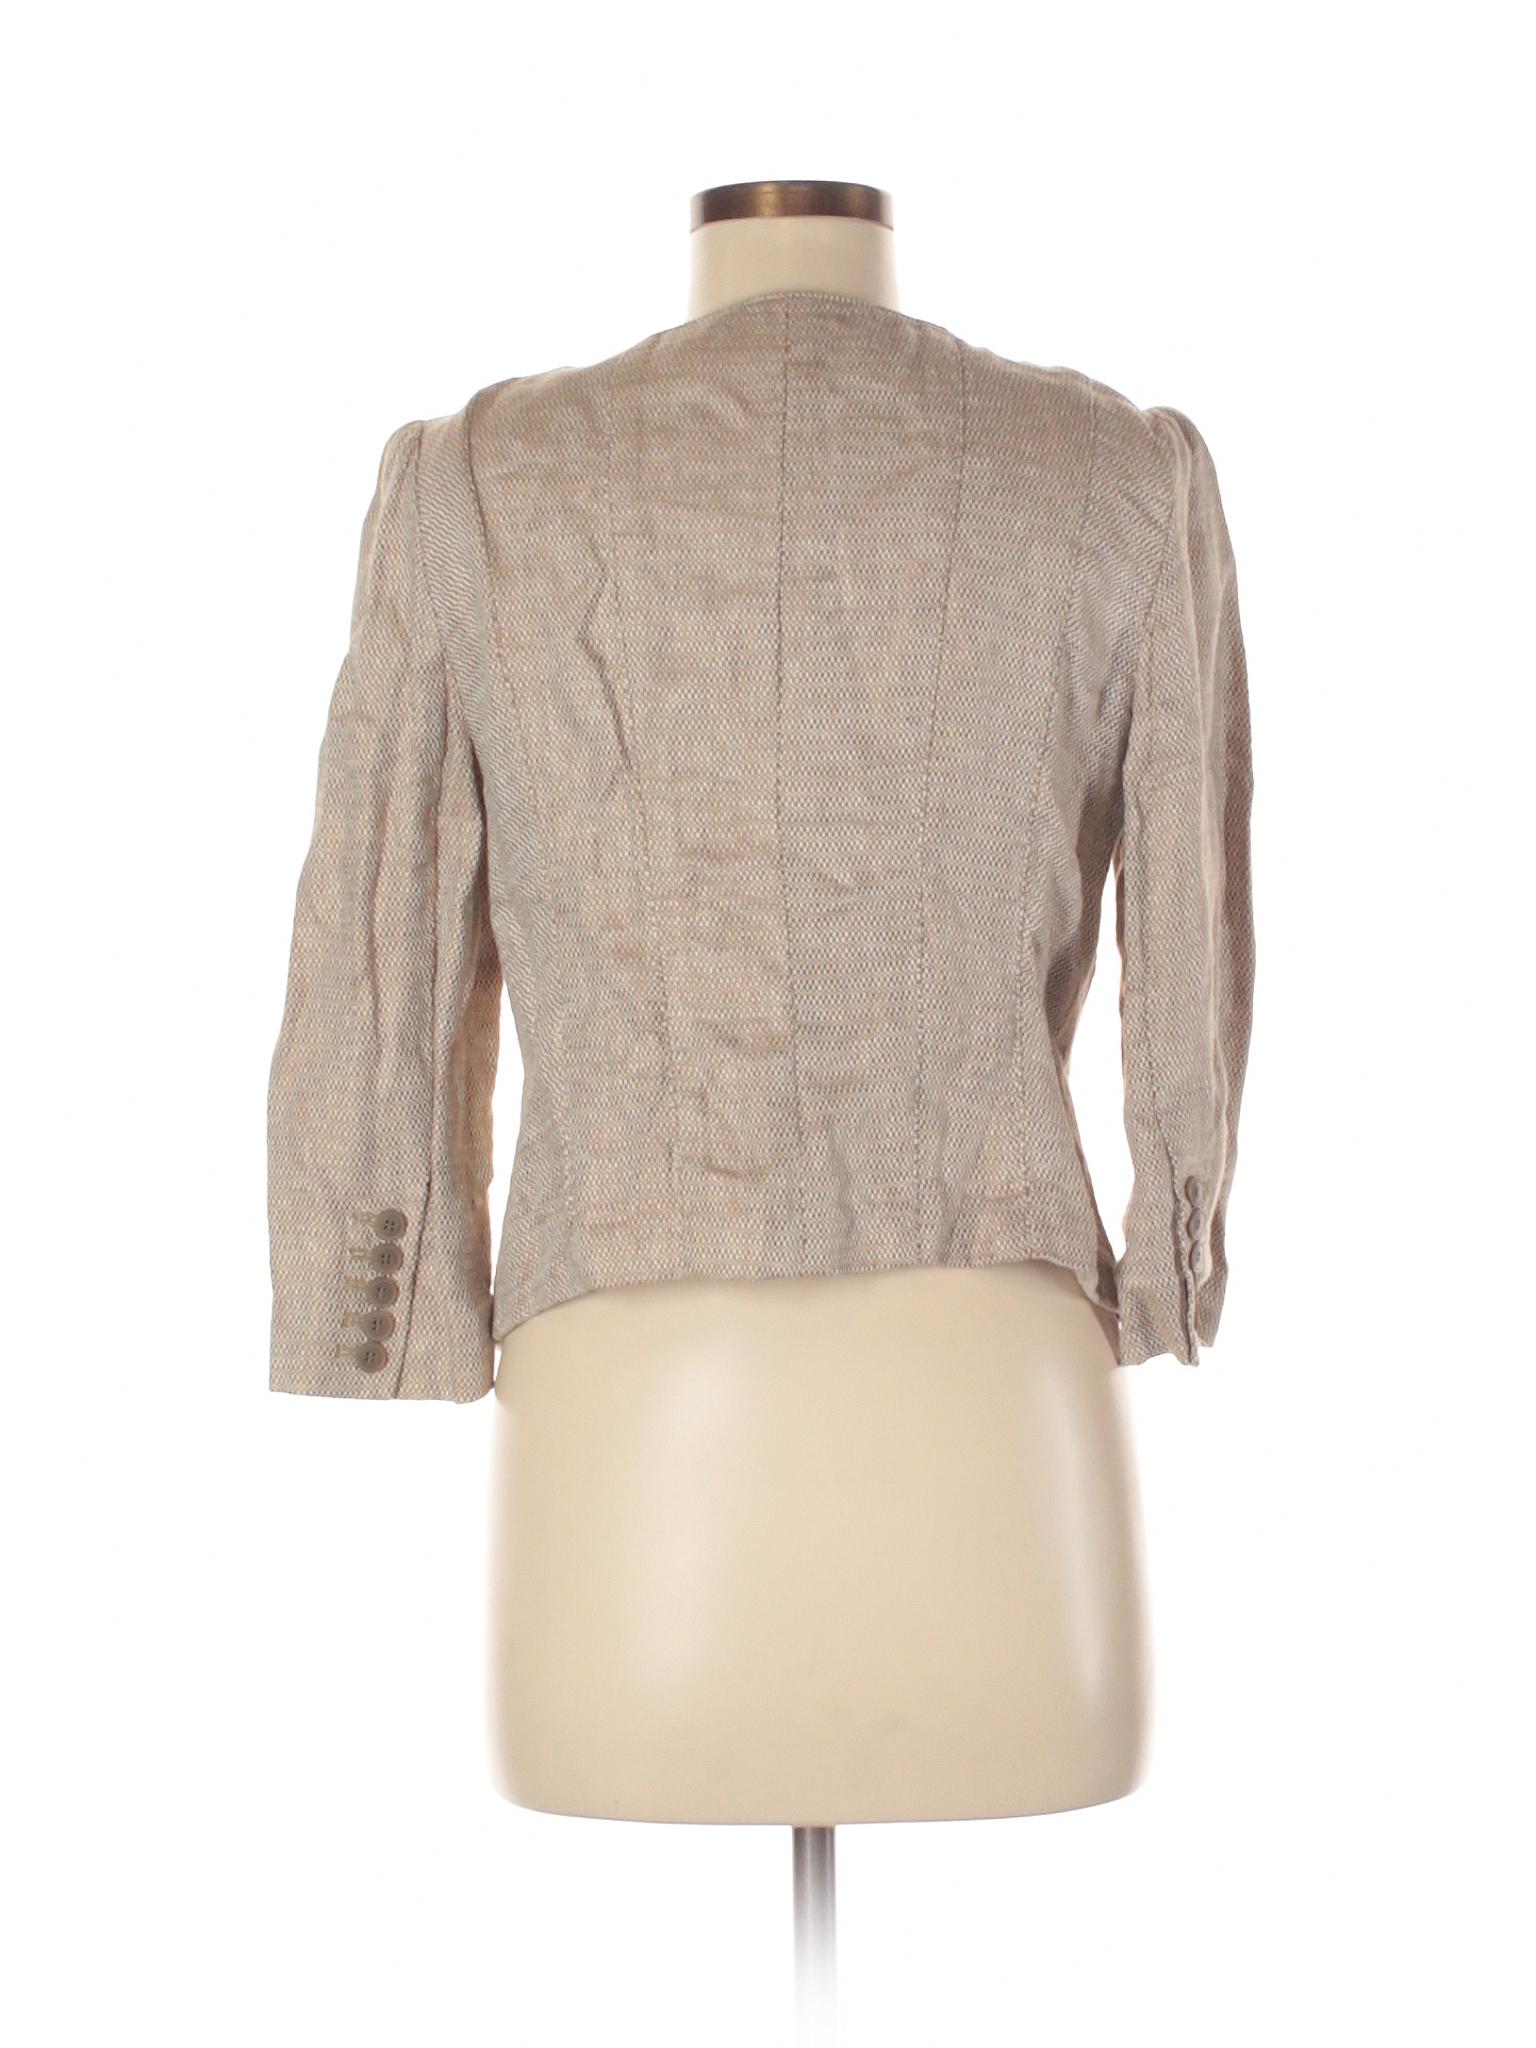 LOFT Ann LOFT Jacket Taylor Taylor Boutique Boutique Ann fnxY18T